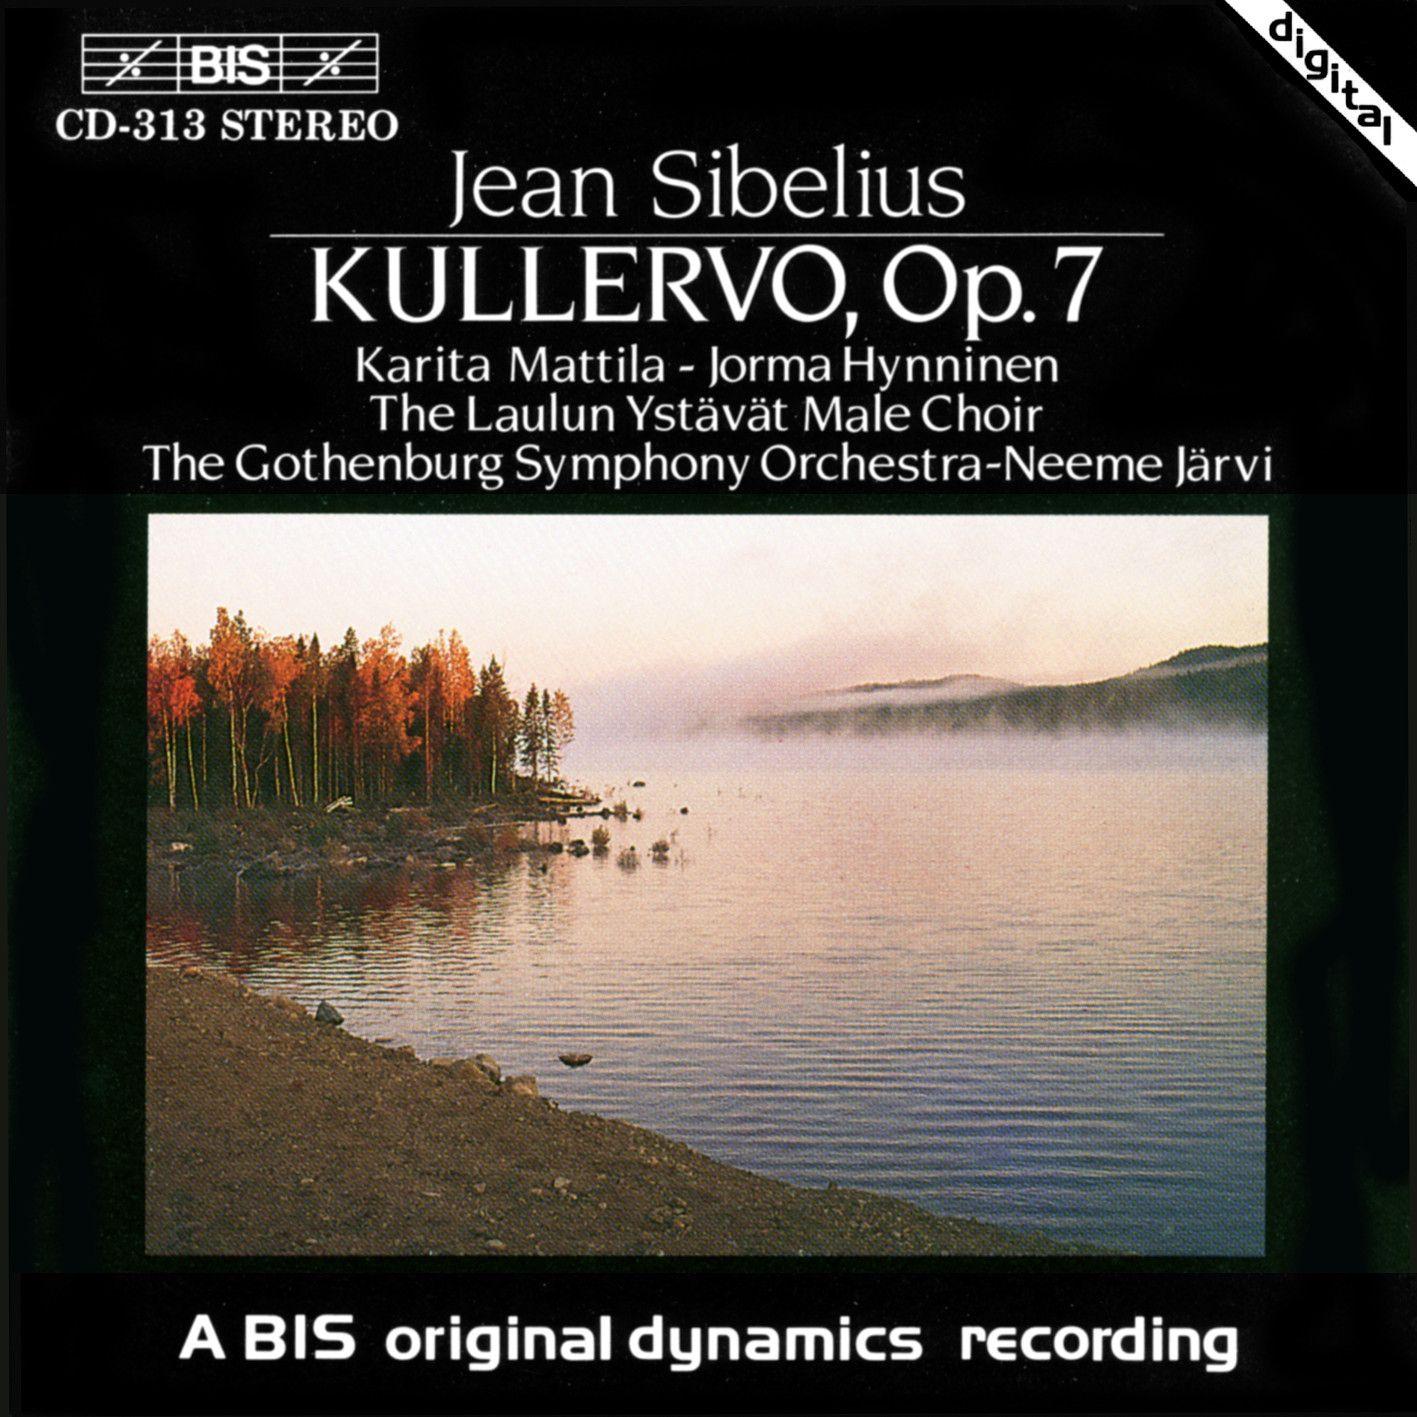 Lilli Paasikivi, Raimo Laukka, Helsinki University Male Voice Choir; Lahti Symphony Orchestra / Osmo Vänskä // BIS CD-1215 - Recorded 1997